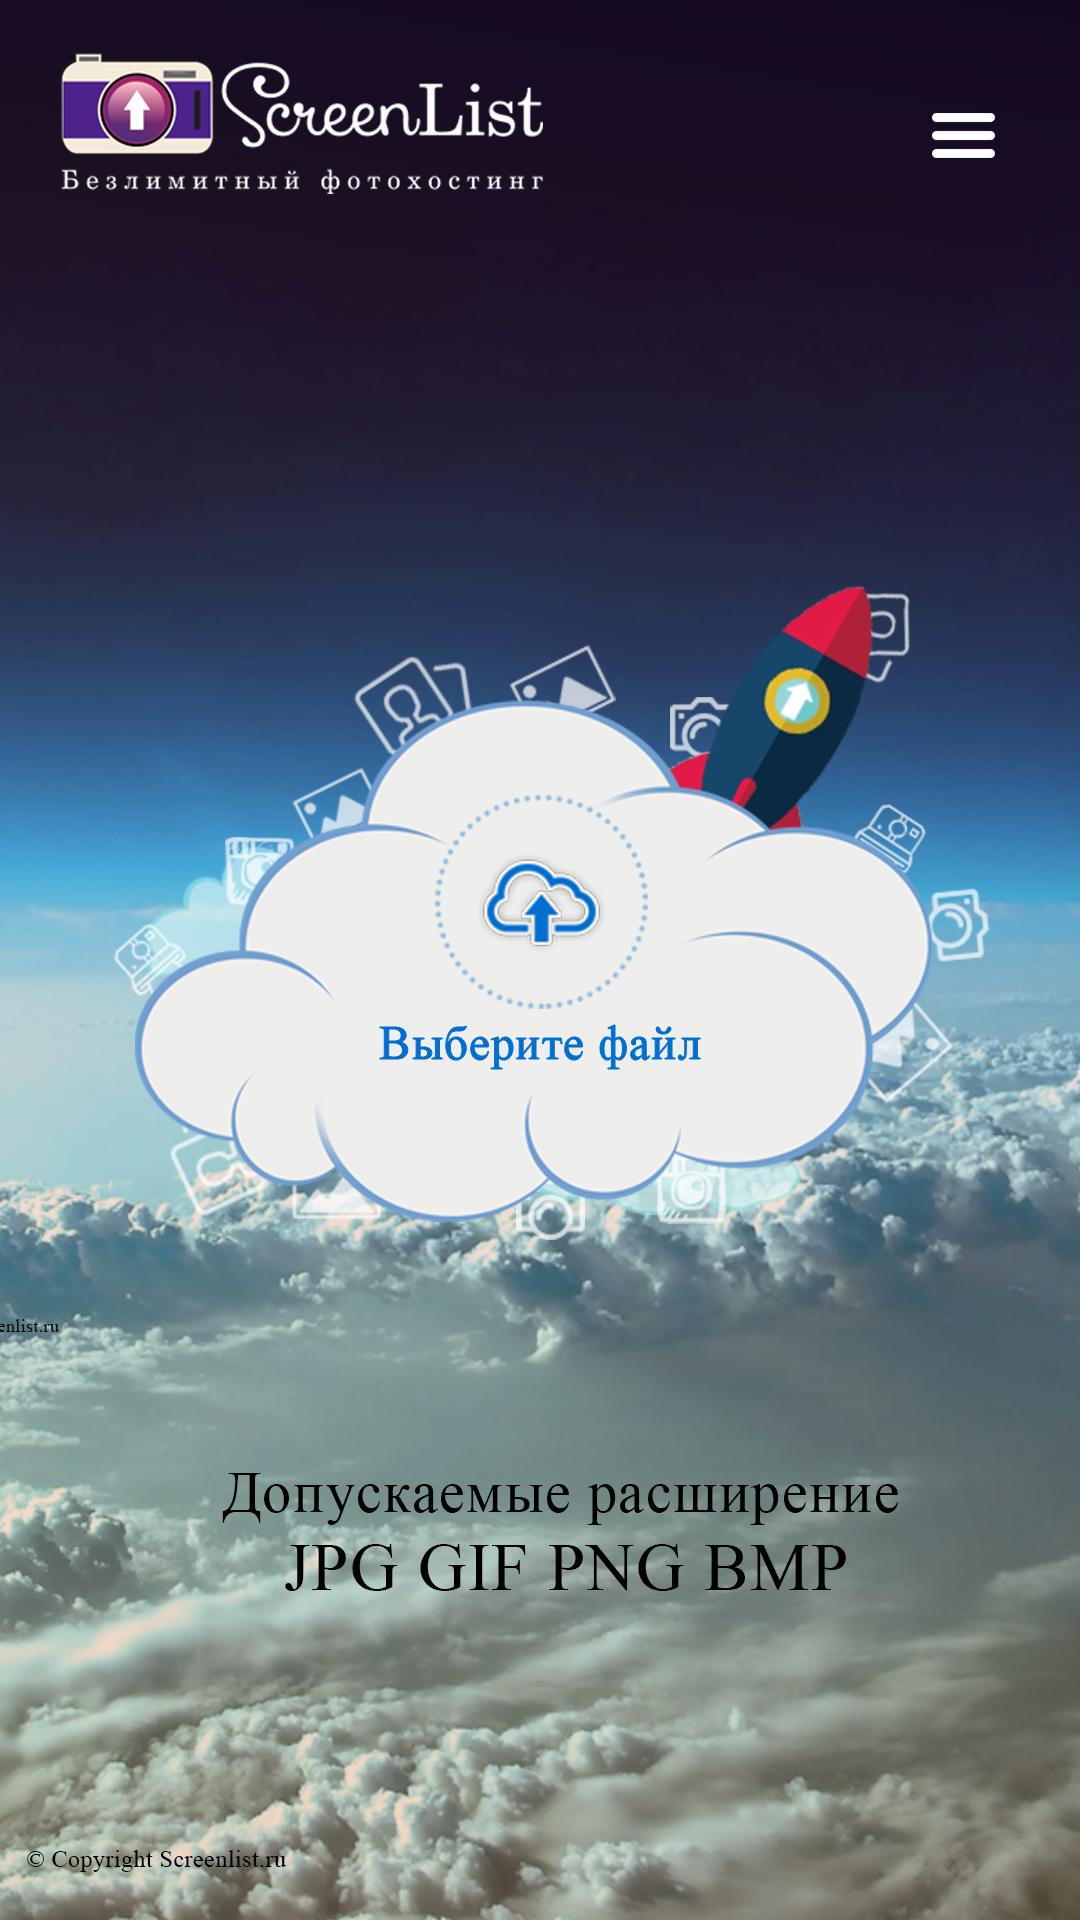 Безлимитный фотохостинг ScreenList.ru требует новый дизайн фото f_96759d0fa28a7189.jpg